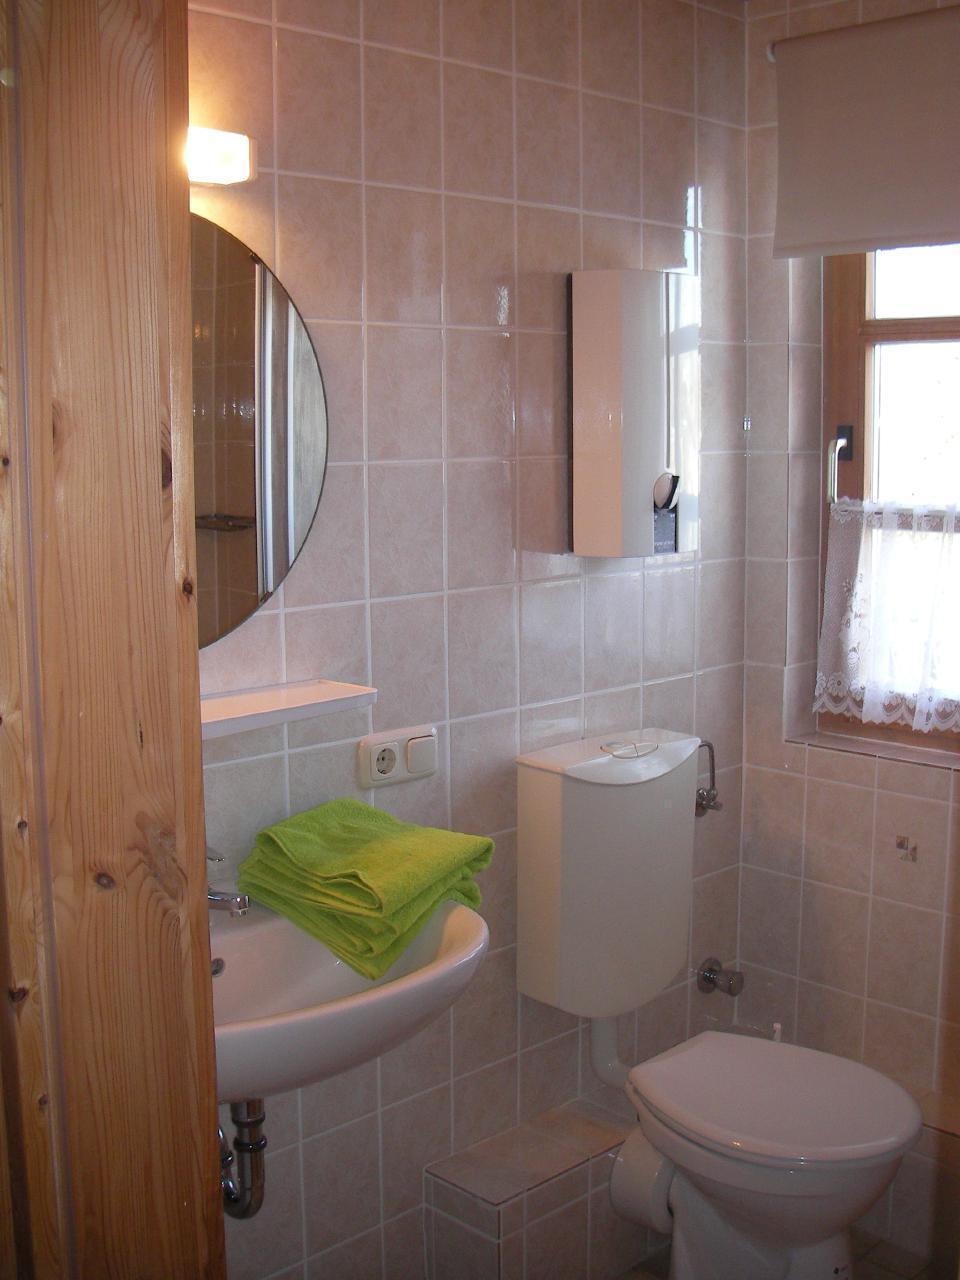 Ferienwohnung Haus Hilde Wohnung 2 (993407), Presseck, Frankenwald, Bayern, Deutschland, Bild 22